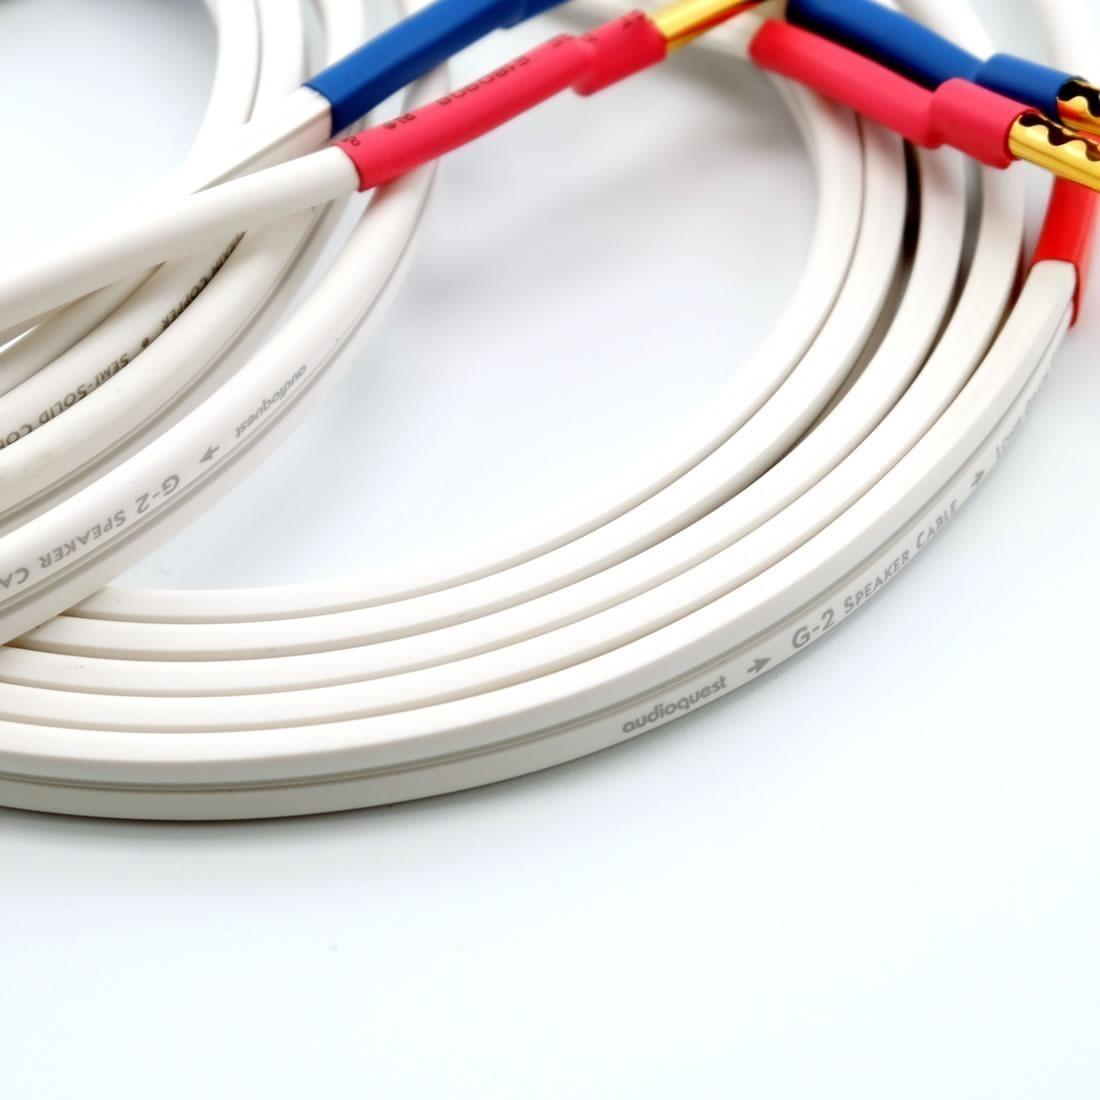 dioquest spekaer cable - Servo.lv